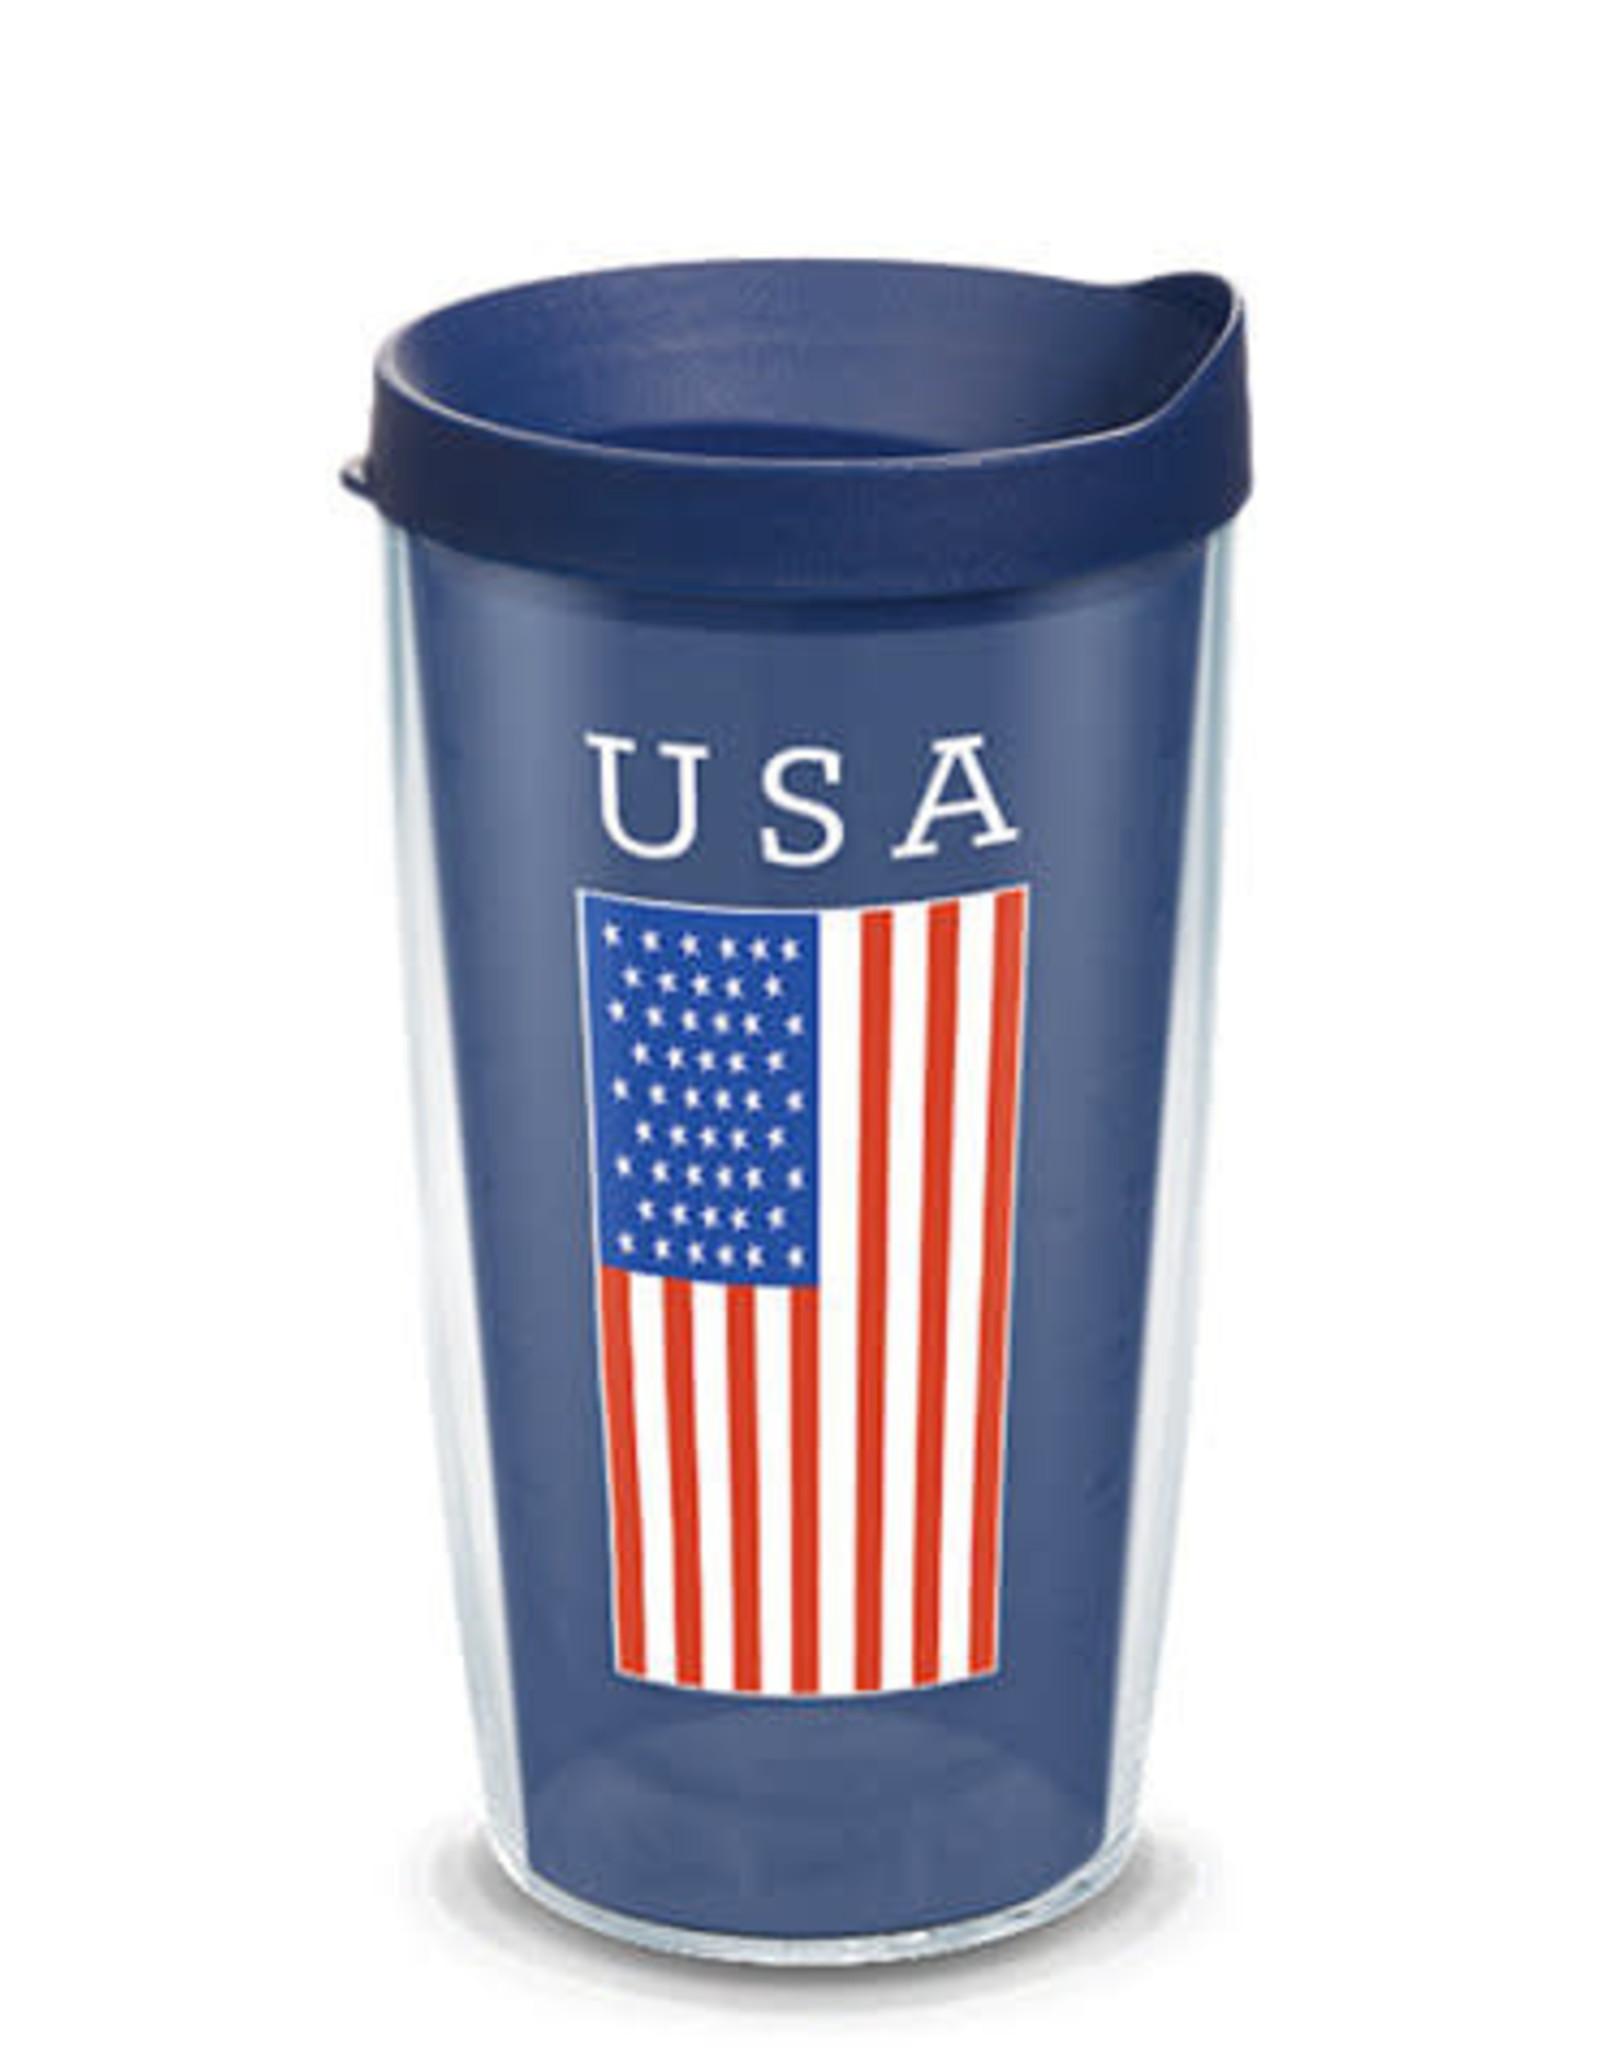 Tervis Tumbler 16oz/lid USA Flag